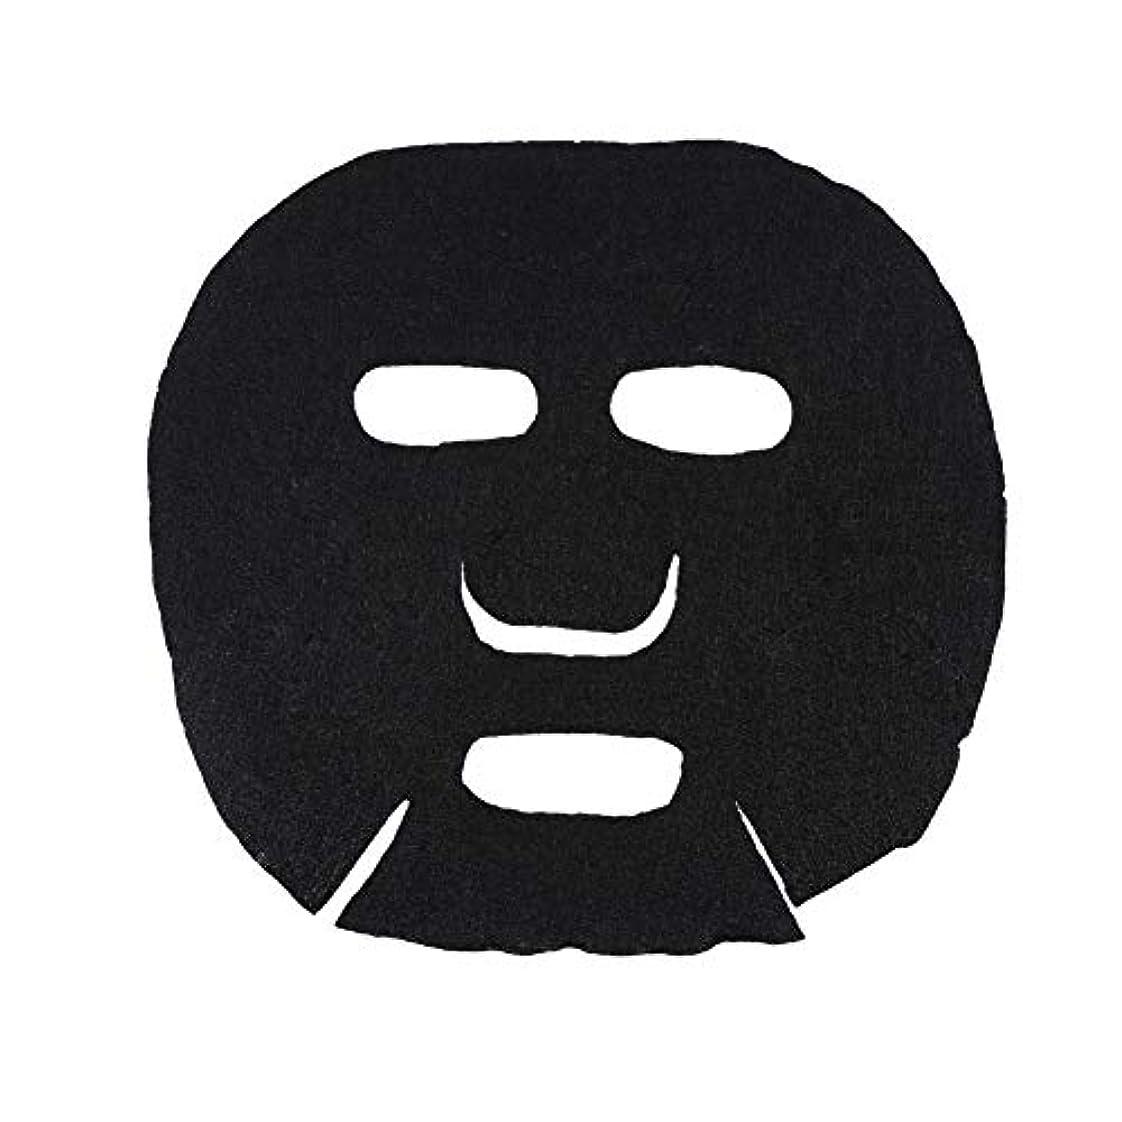 敬意を表してタクシー軸30Pcs / 40Pcsマスク紙、マスク紙綿、スキンフェイスケアDIYフェイシャルペーパーコンプレスマスクマスクナチュラルコットンスキンケアマスクDIYシートマスク(30pcs)